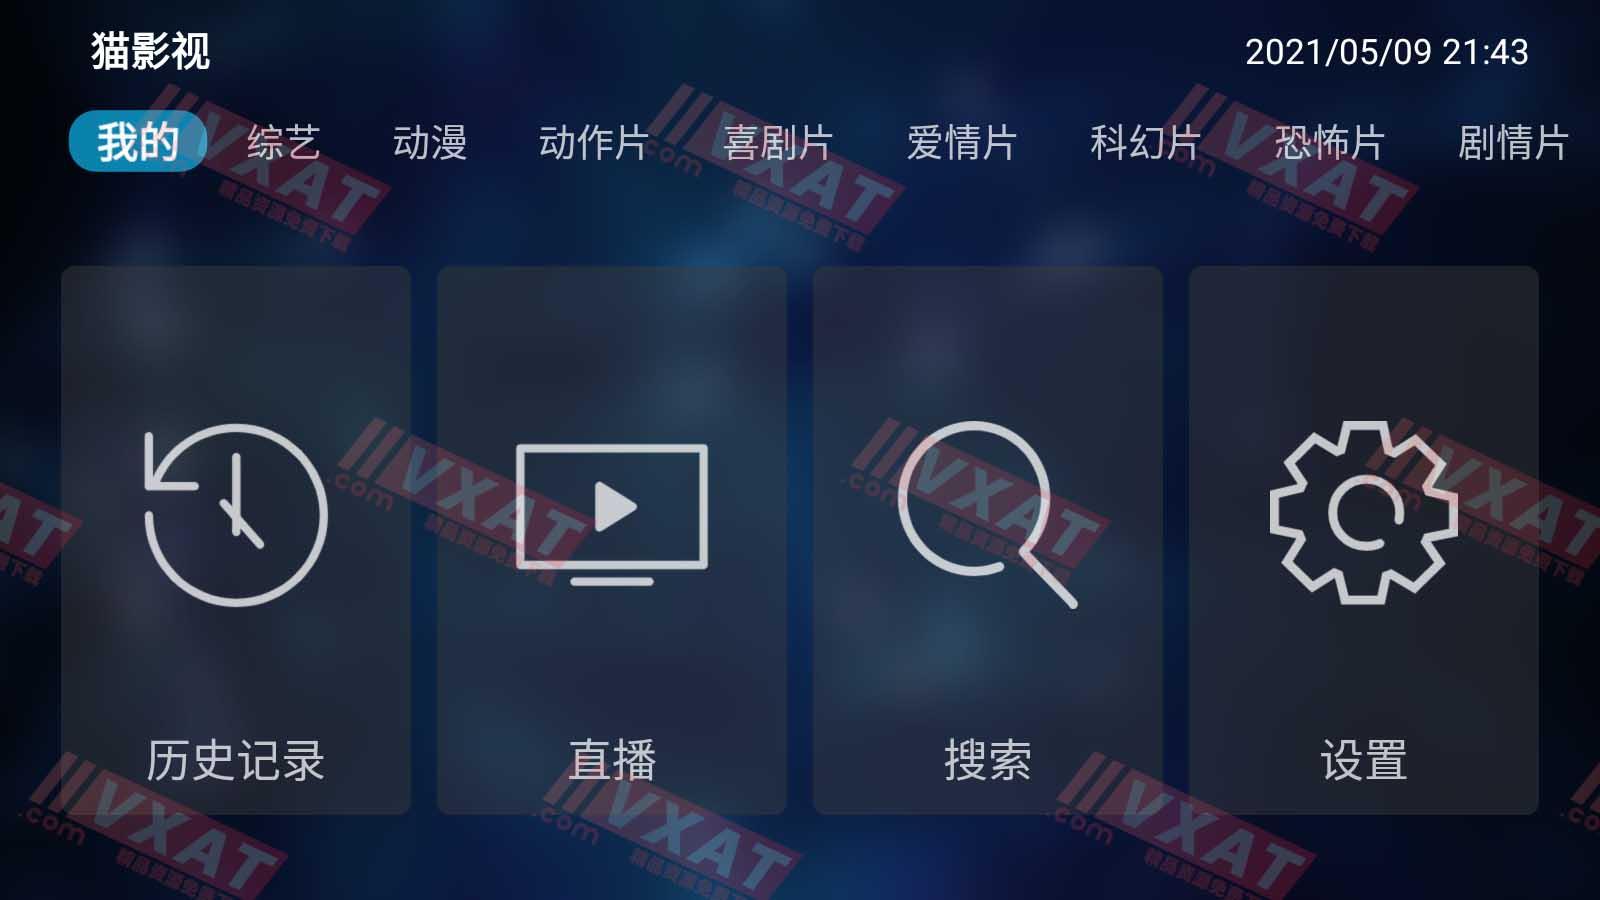 猫影视 v4.3.3 电视破解版 多个站点数据源 第1张